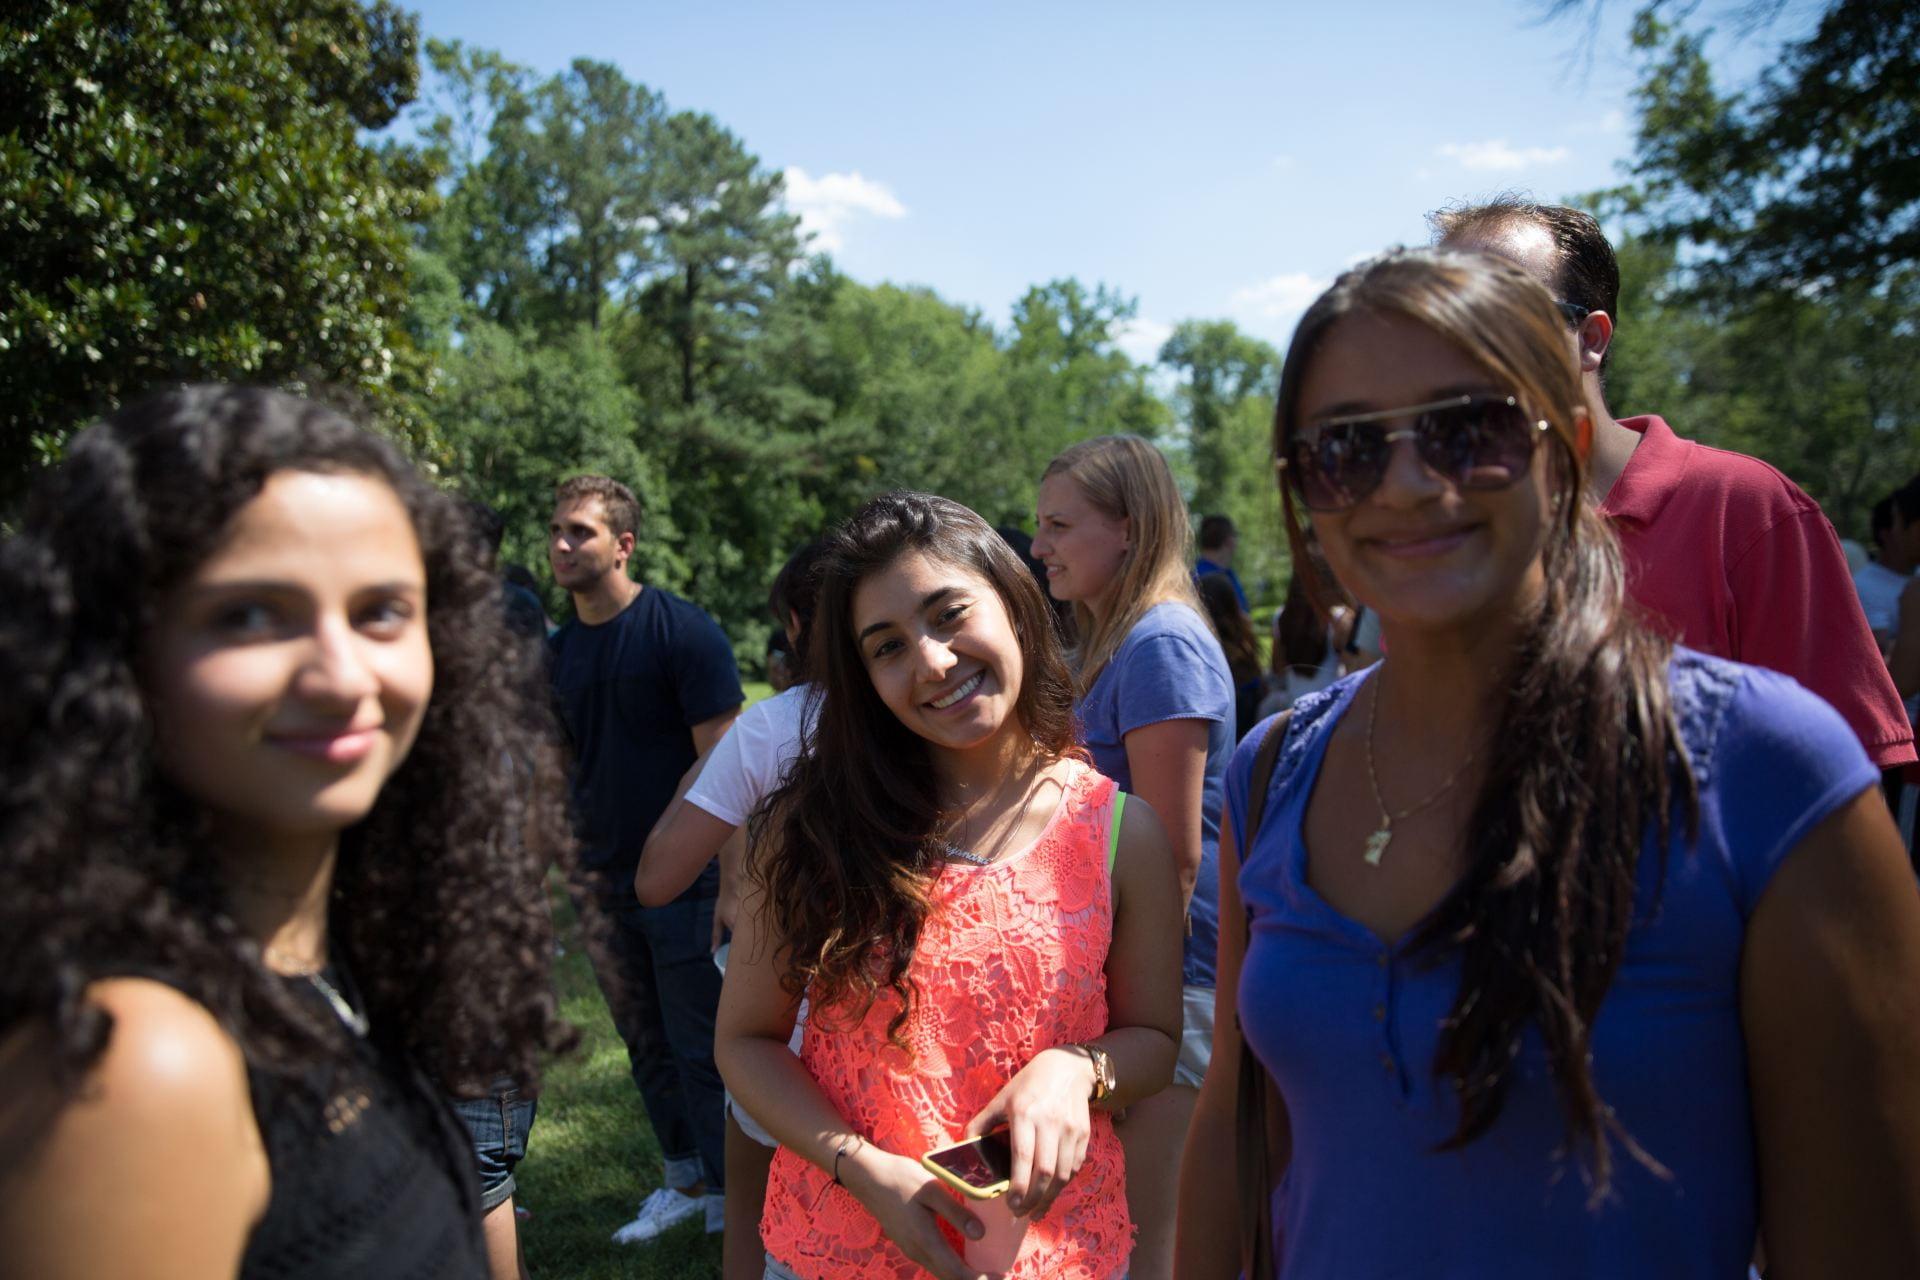 Three students at an ELI picnic